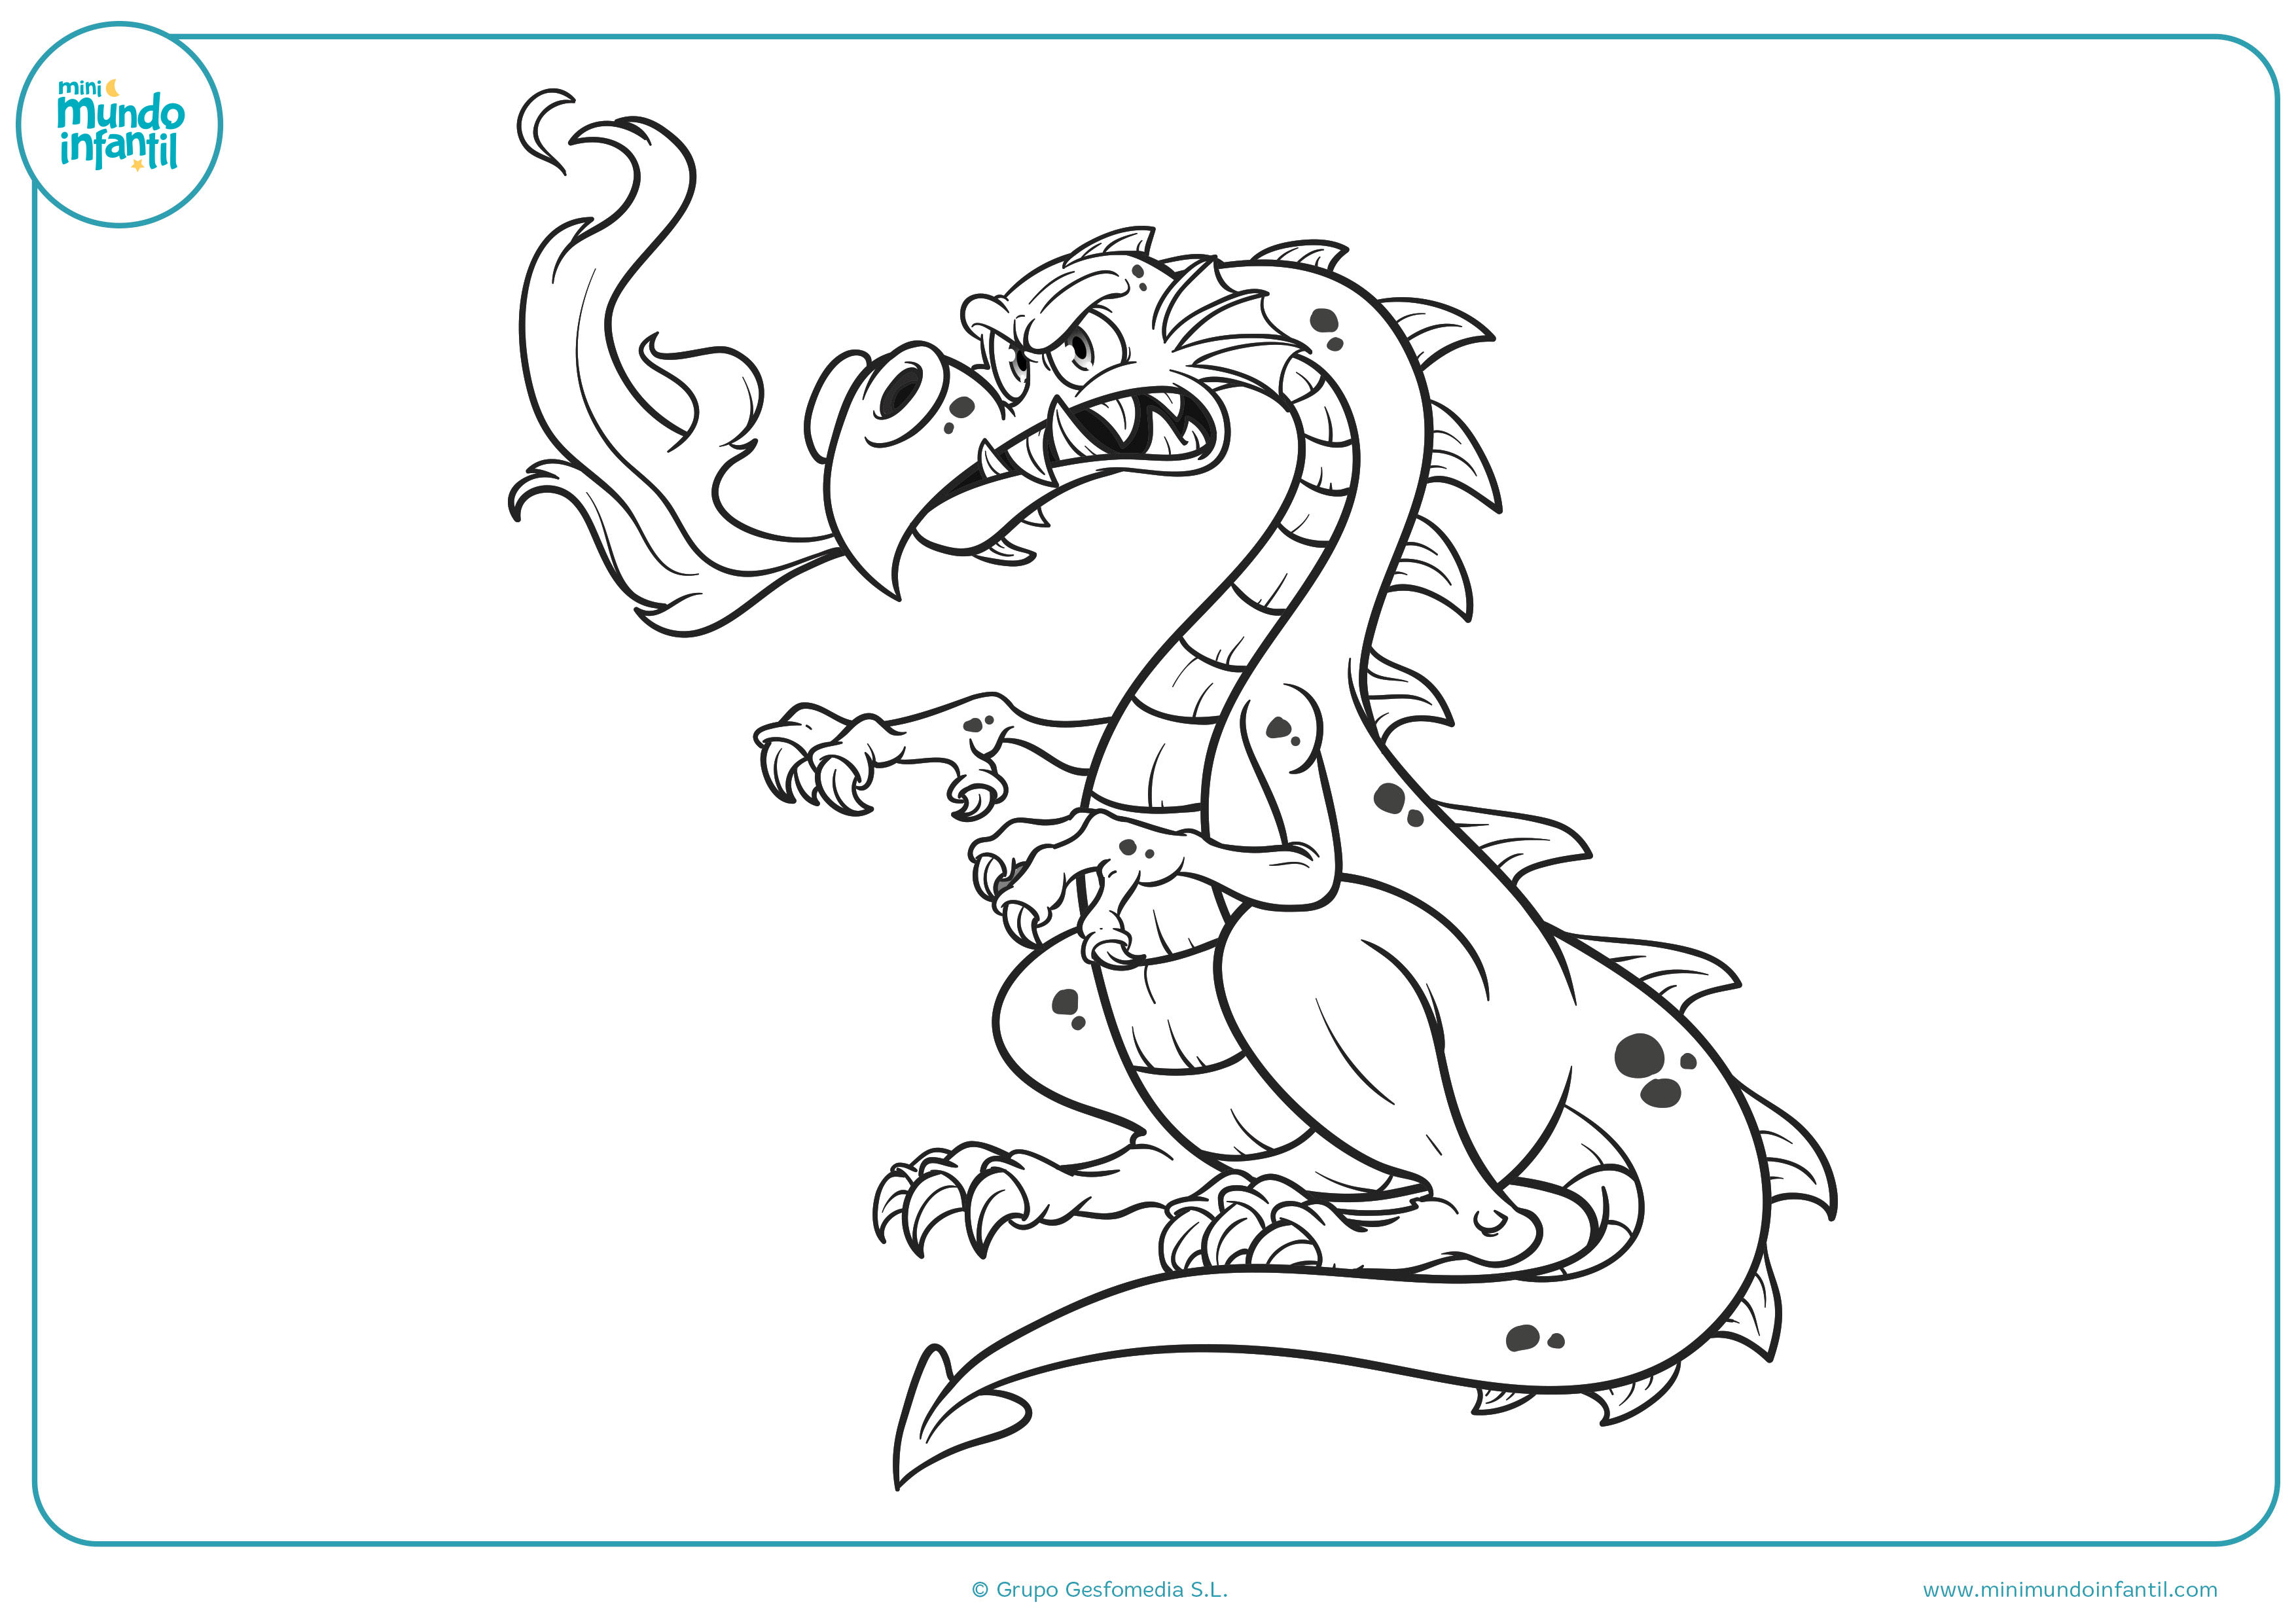 Encantador Imagen Del Dragón Para Colorear Molde - Dibujos Para ...